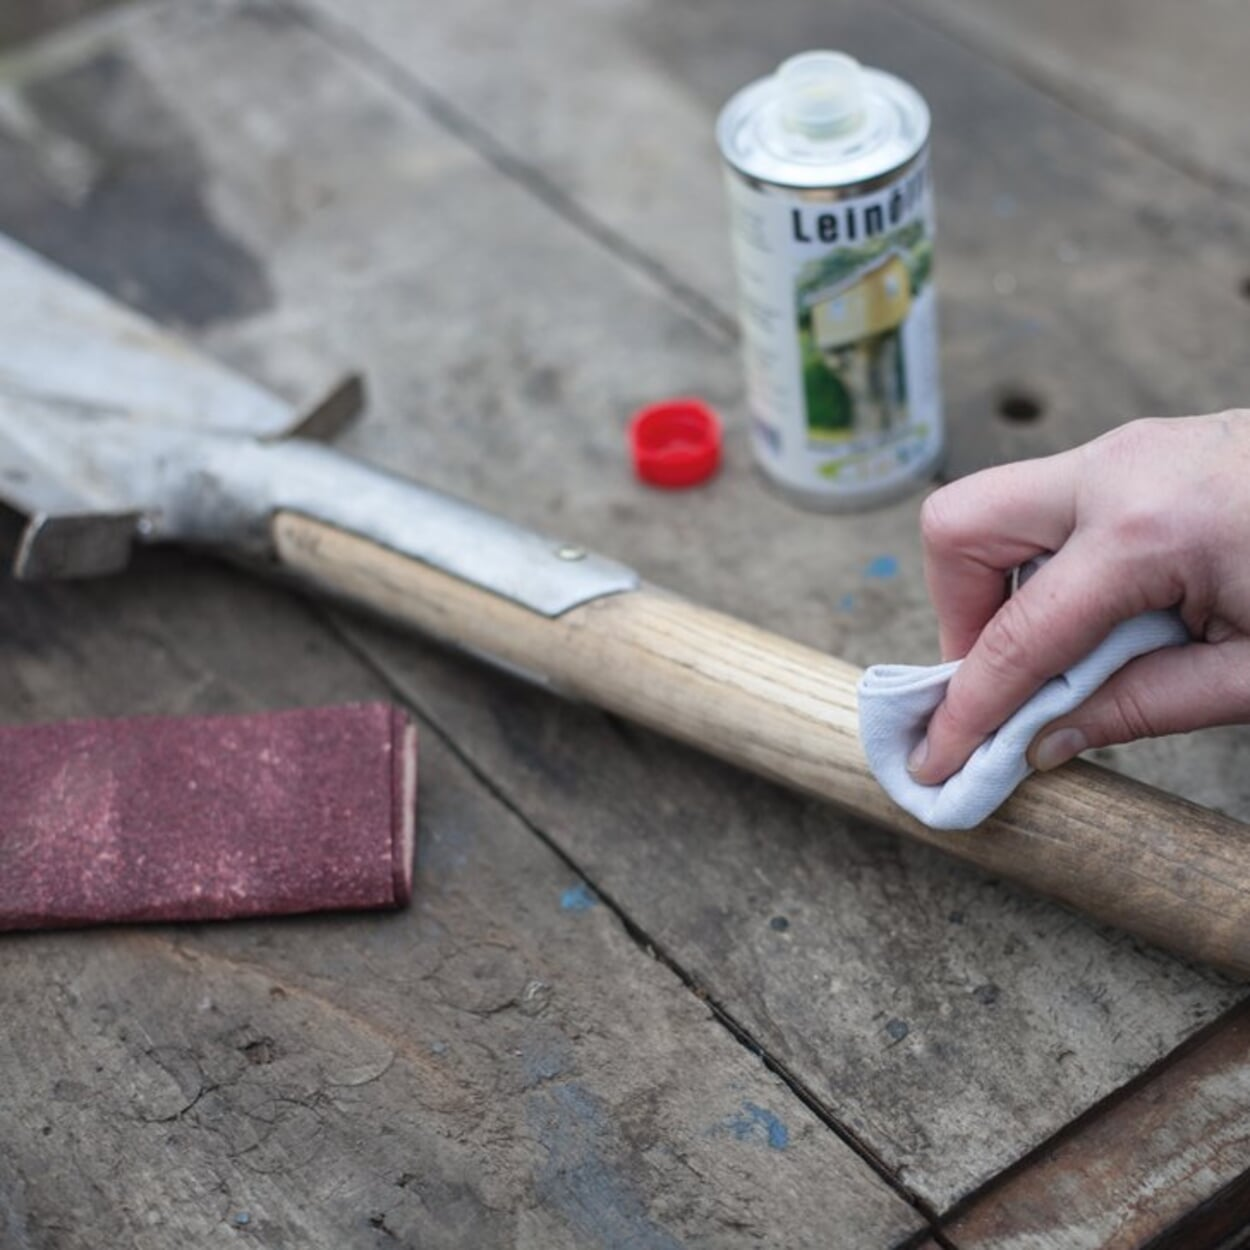 Werkzeugstiele aus Holz abschleifen und einölen